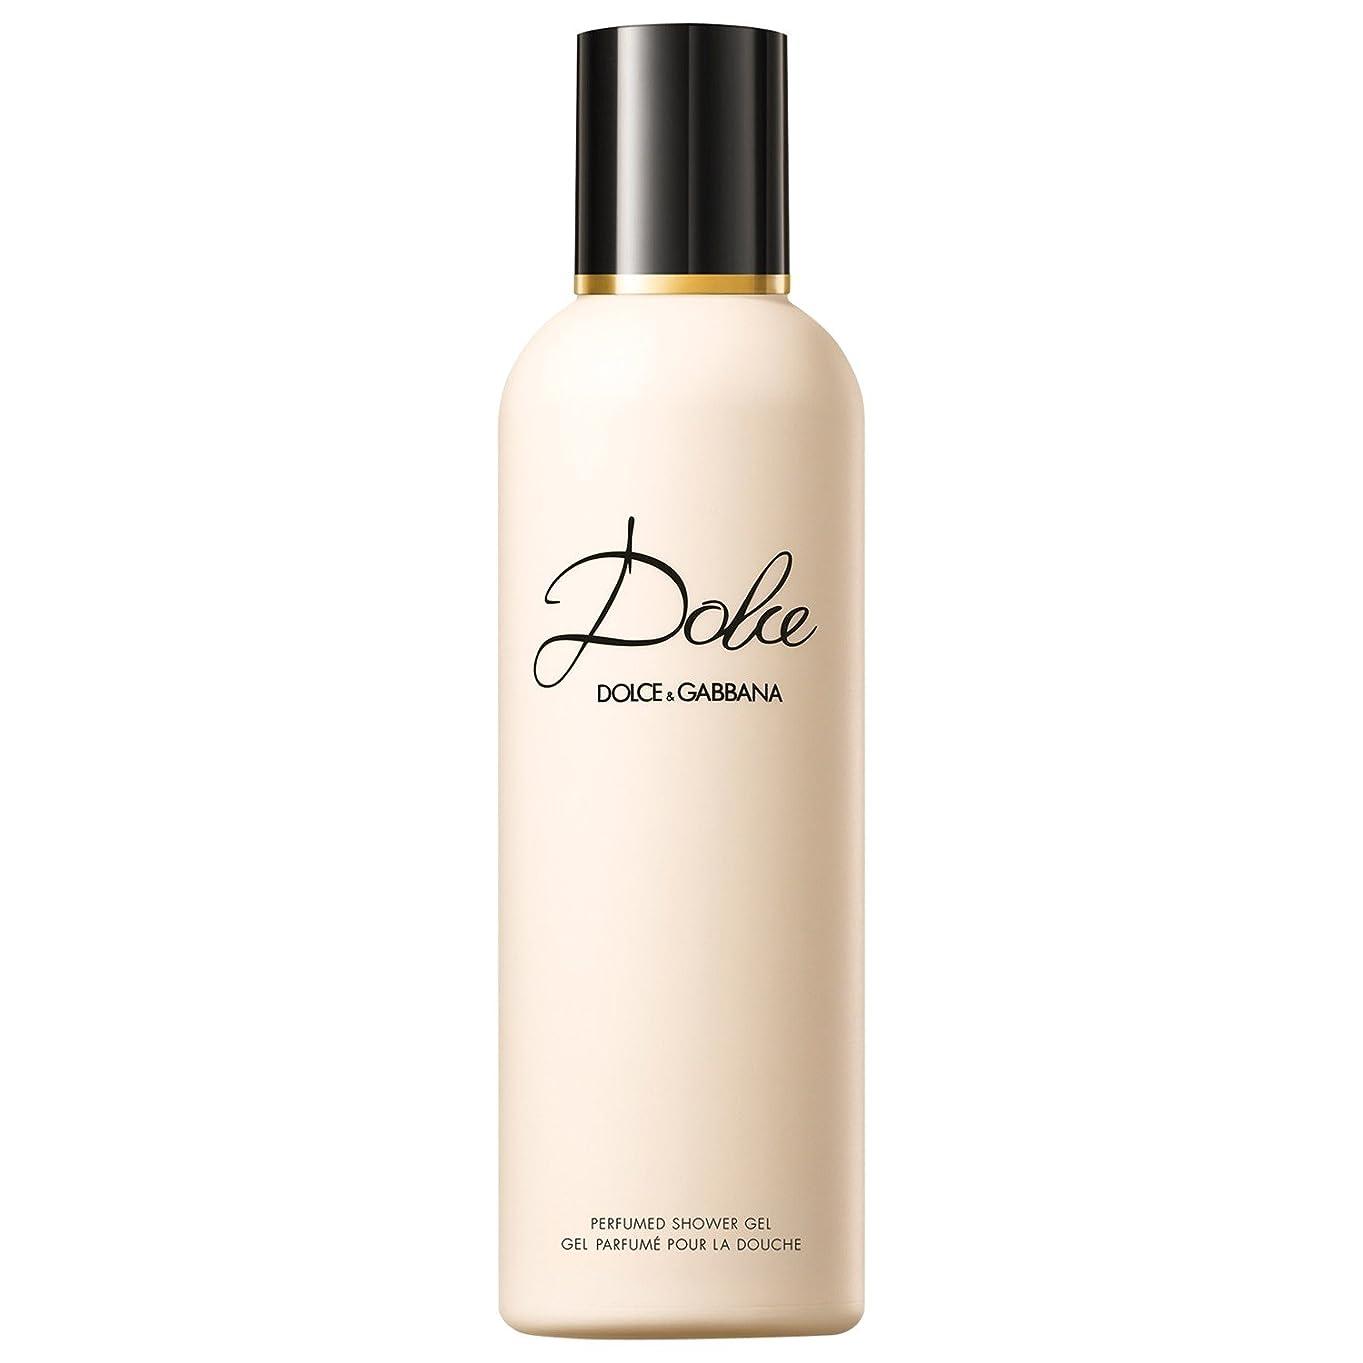 万一に備えてサーフィン床ドルチェ&ガッバーナドルチェシャワージェル200ミリリットル (Dolce & Gabbana) - Dolce & Gabbana Dolce Shower Gel 200ml [並行輸入品]